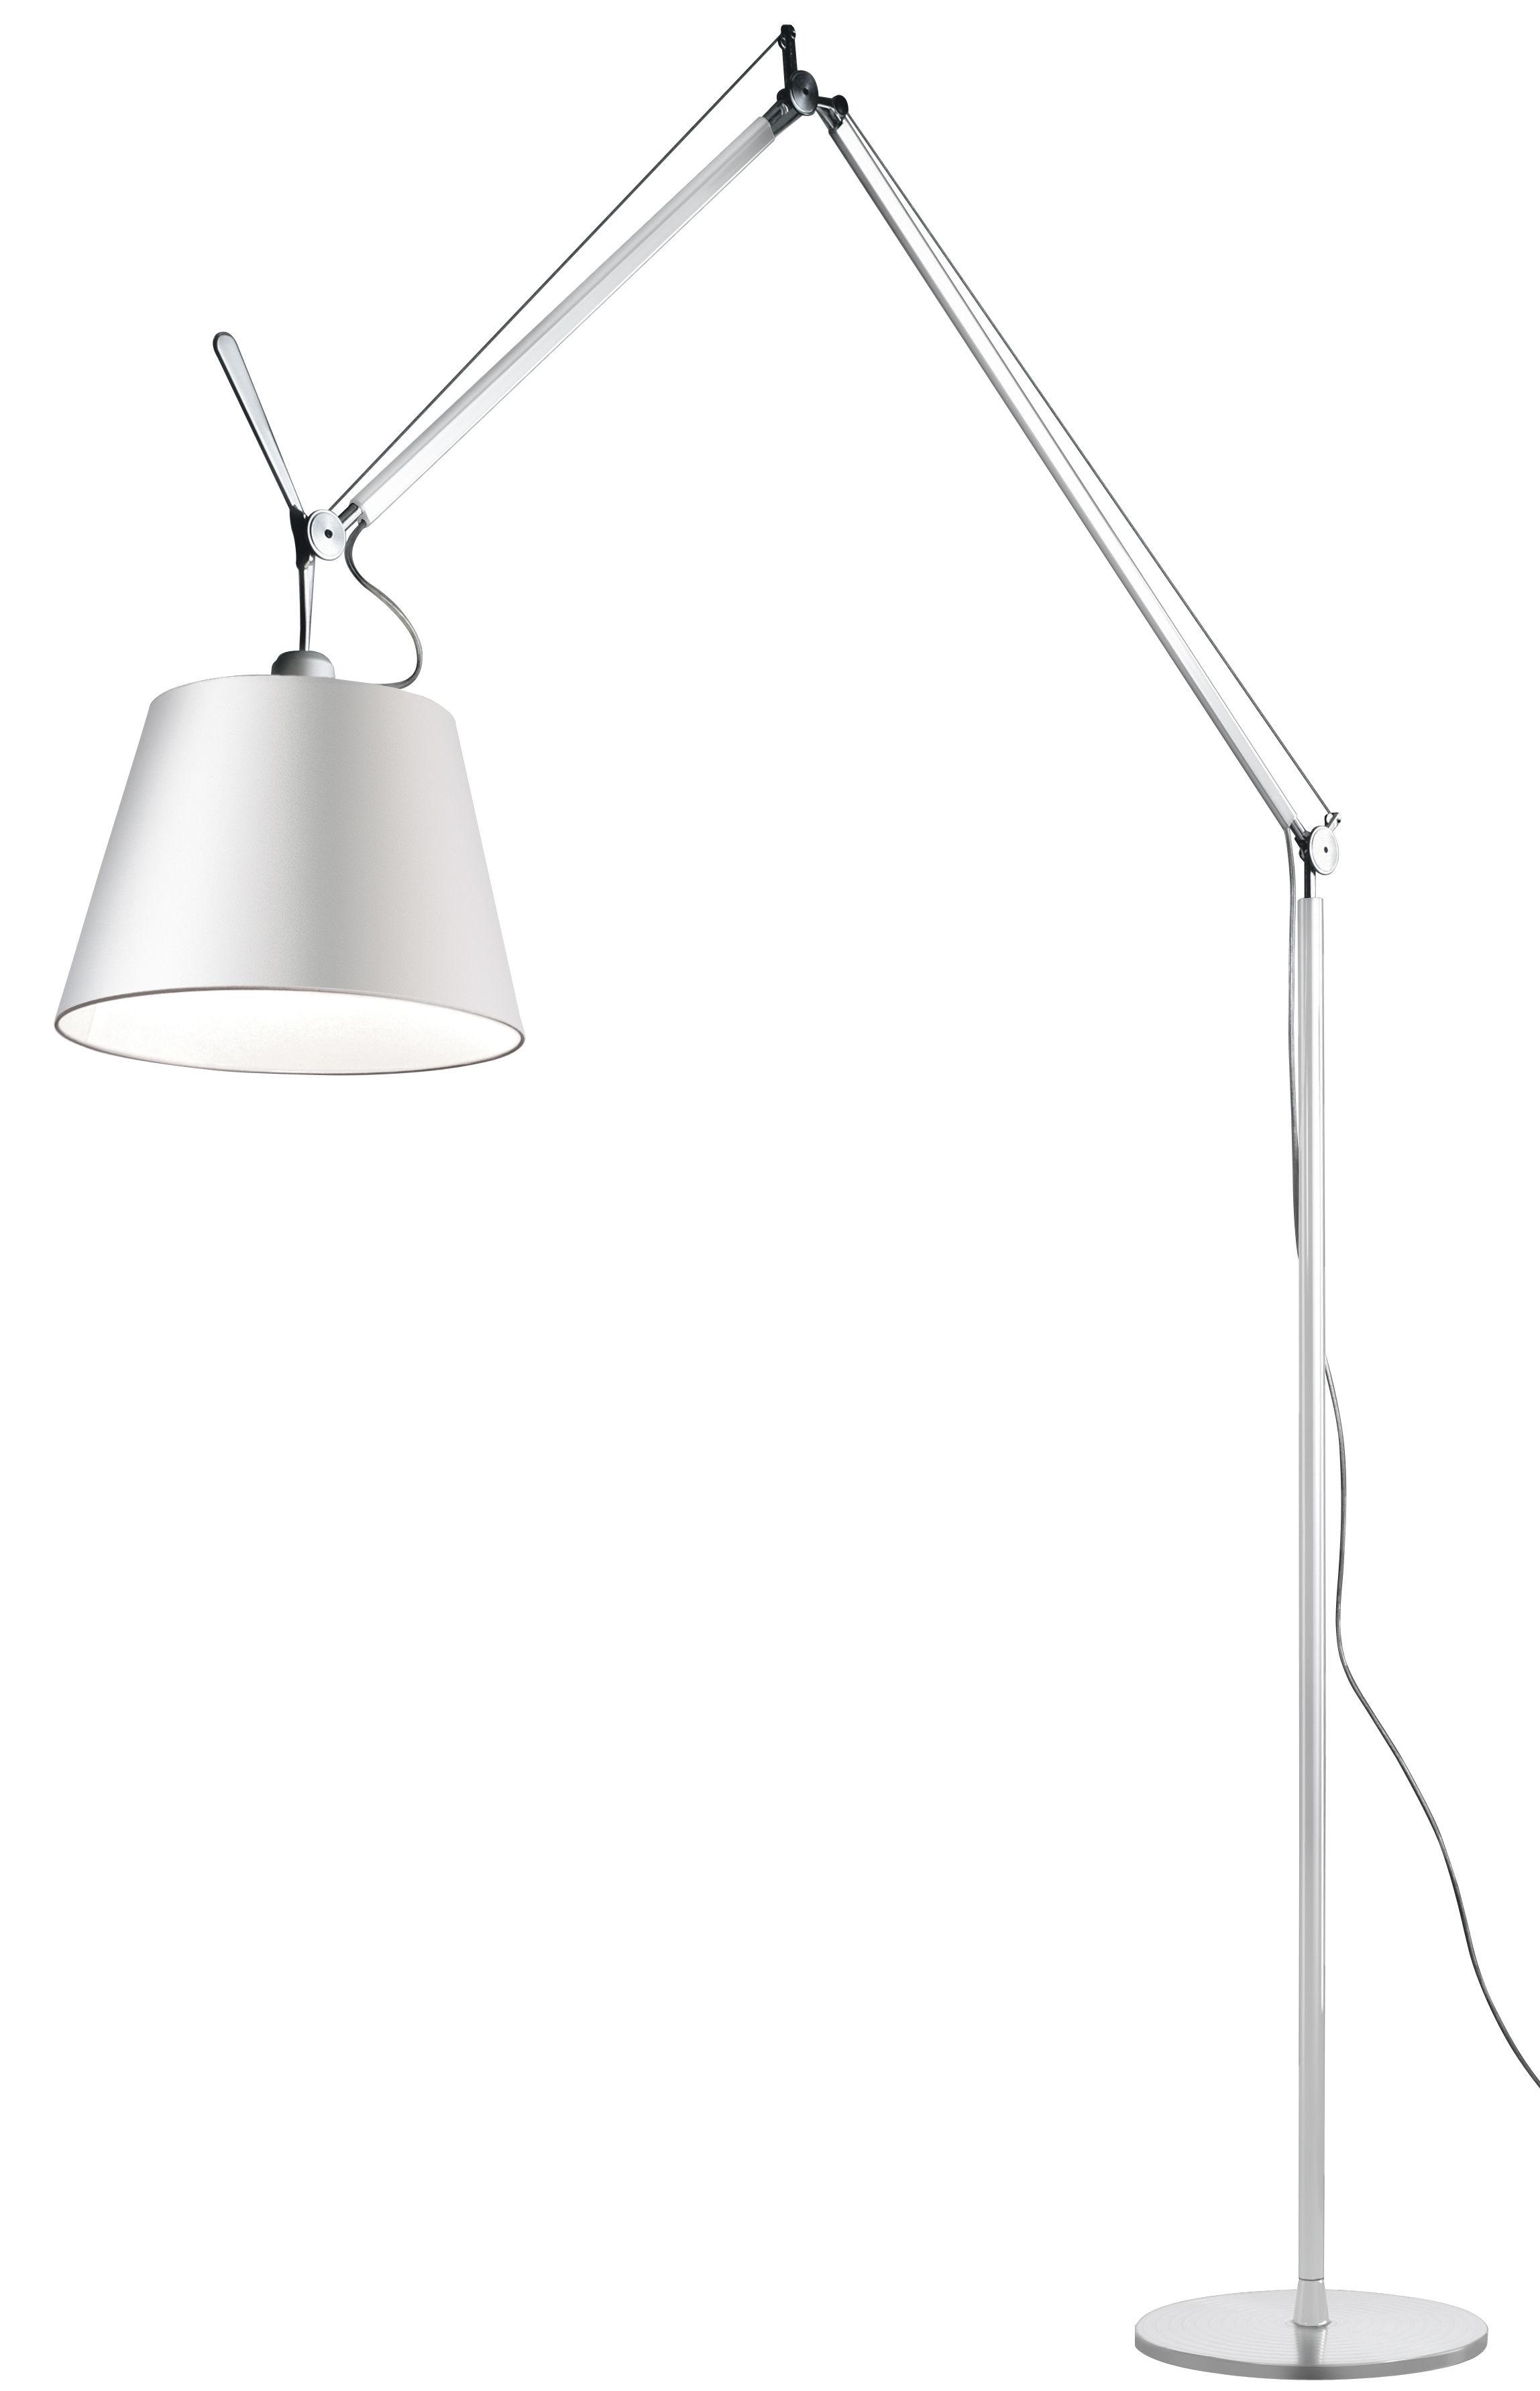 Lighting - Floor lamps - Tolomeo Mega Floor lamp - H 148  to 327 cm by Artemide - White / White leg - Aluminium, Fabric